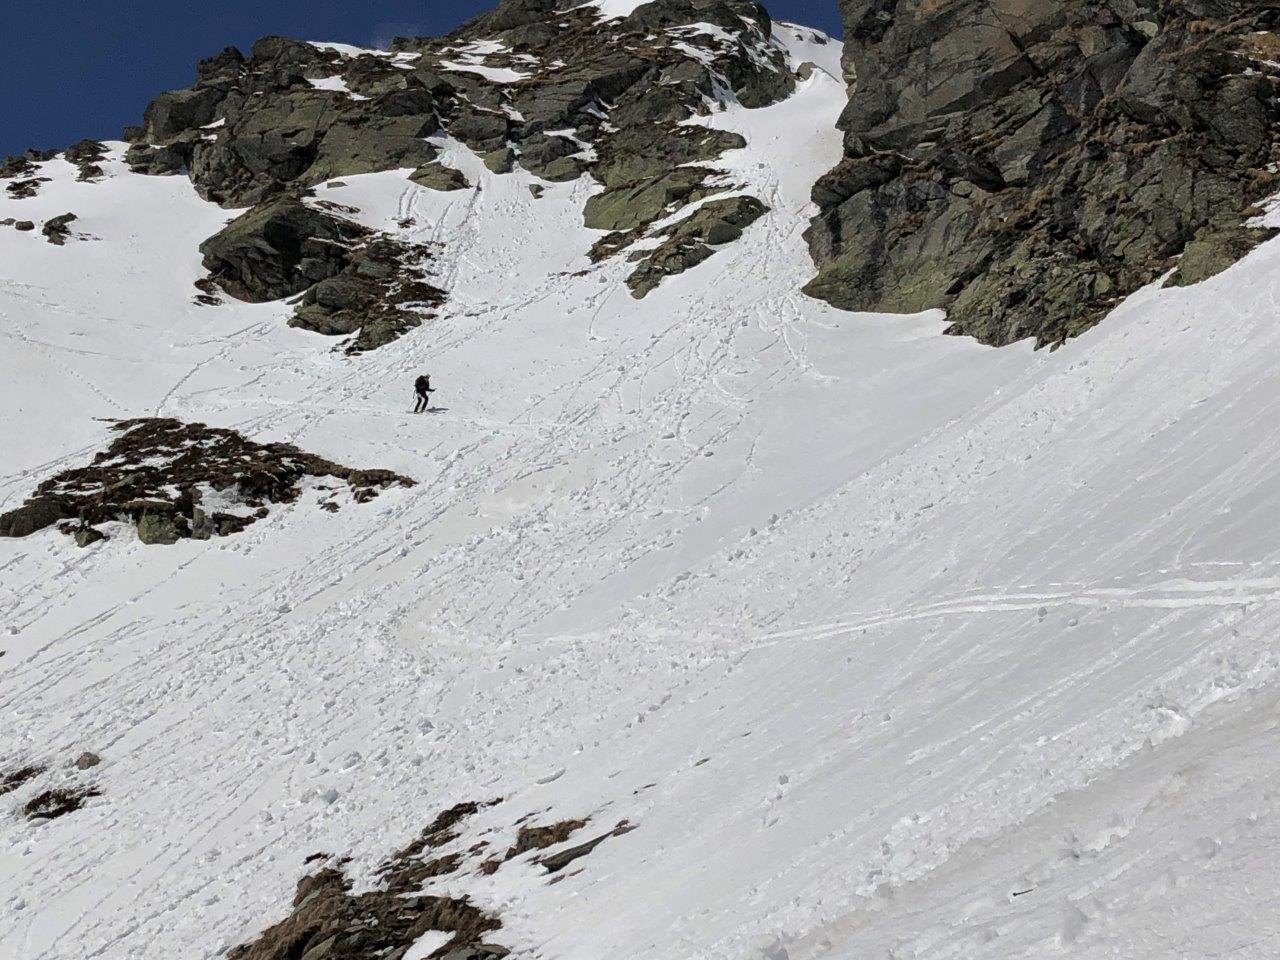 traverso di q. 2300 in discesa con gli sci